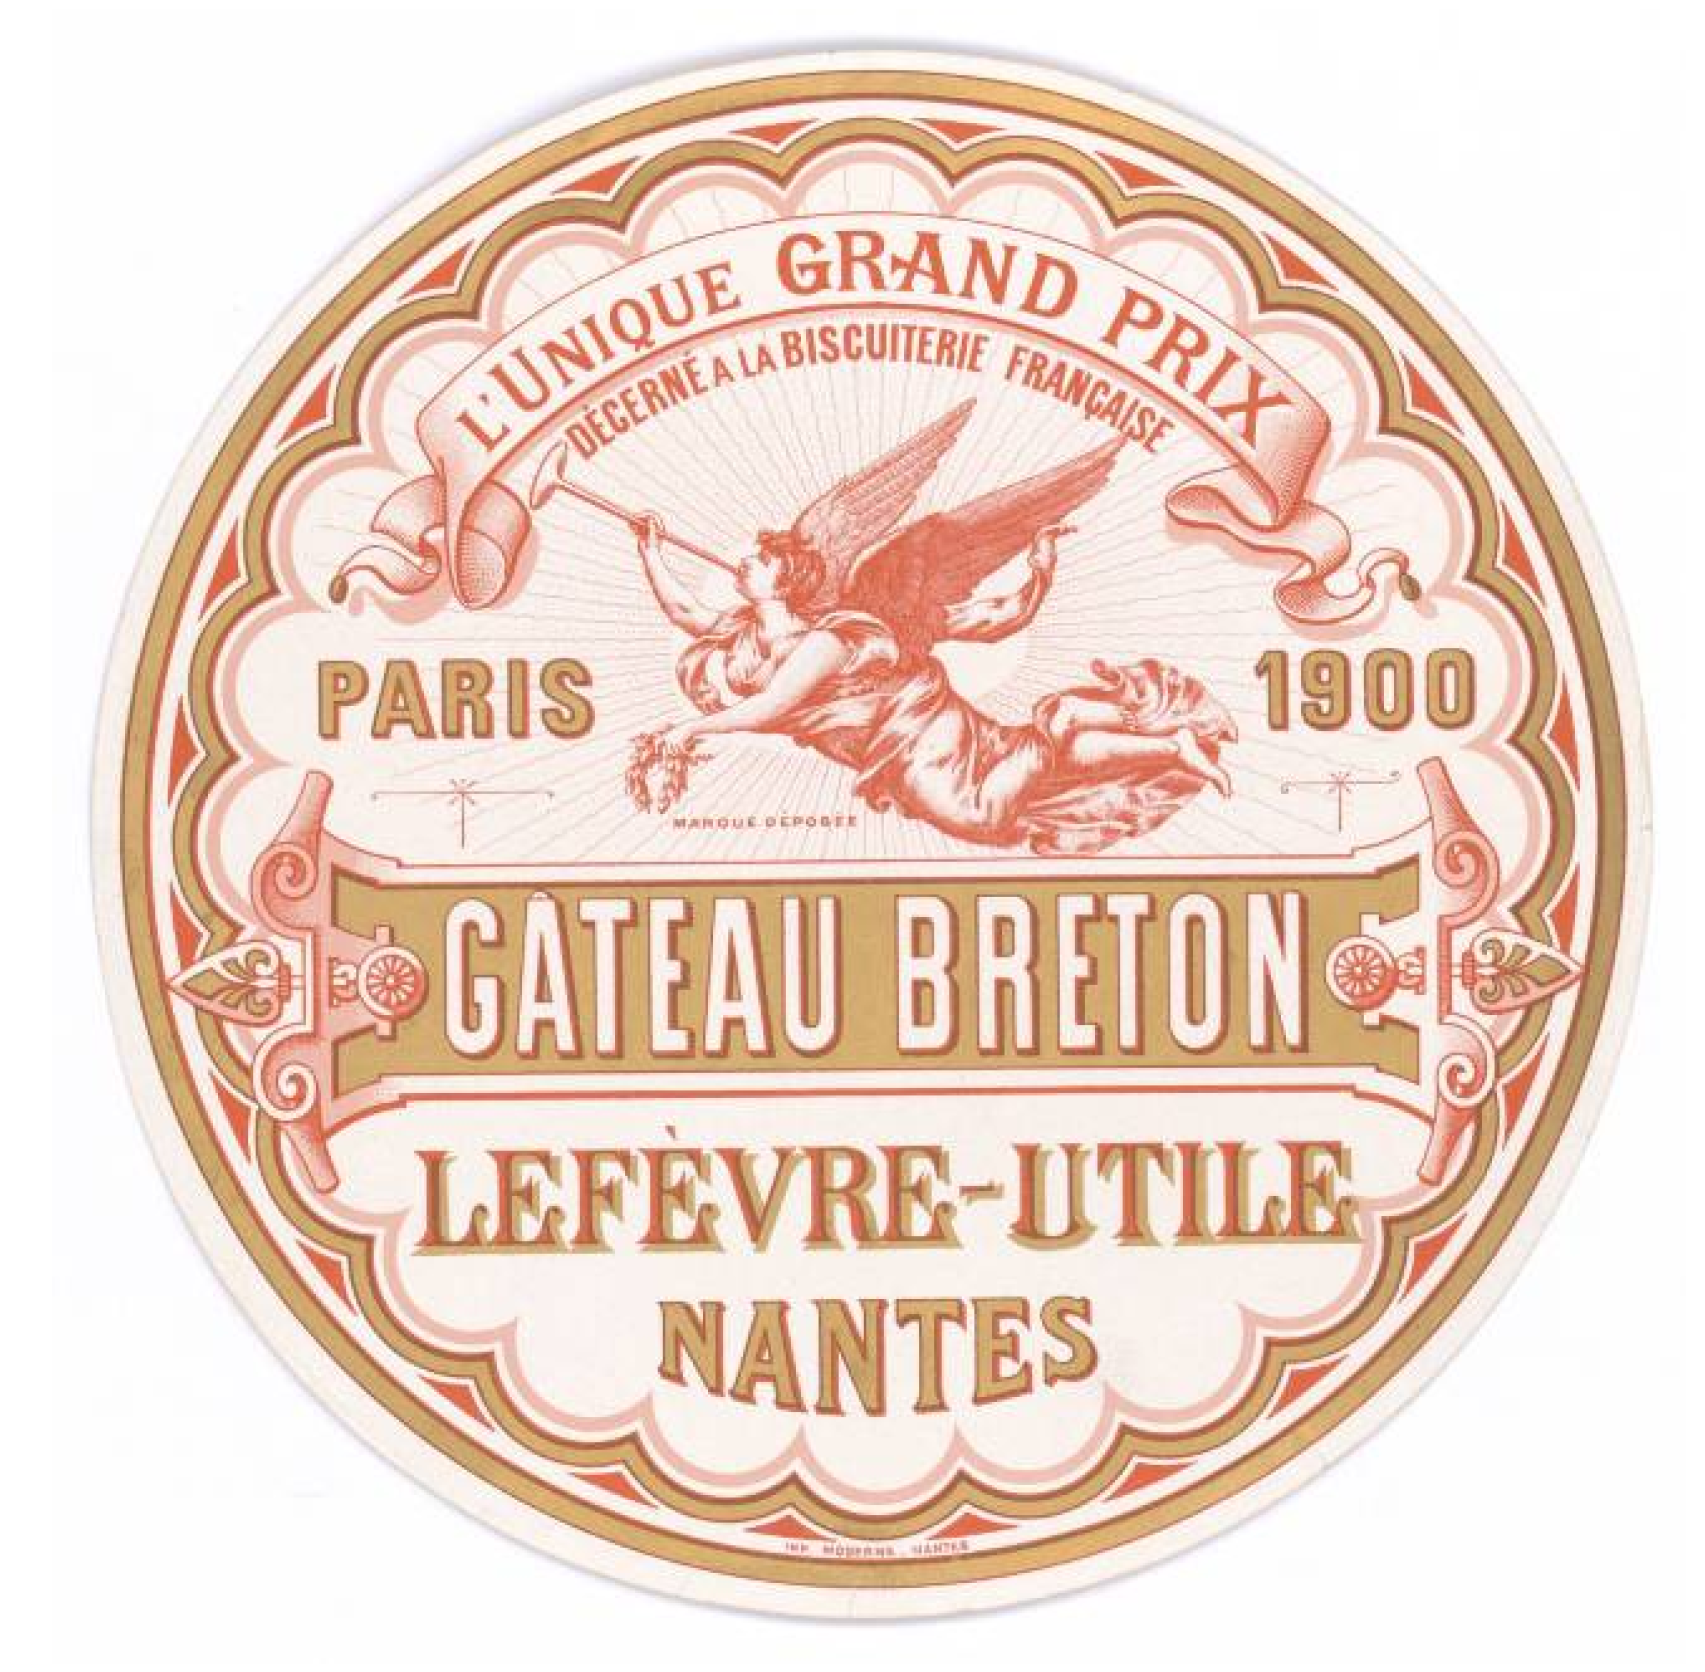 gateau breton